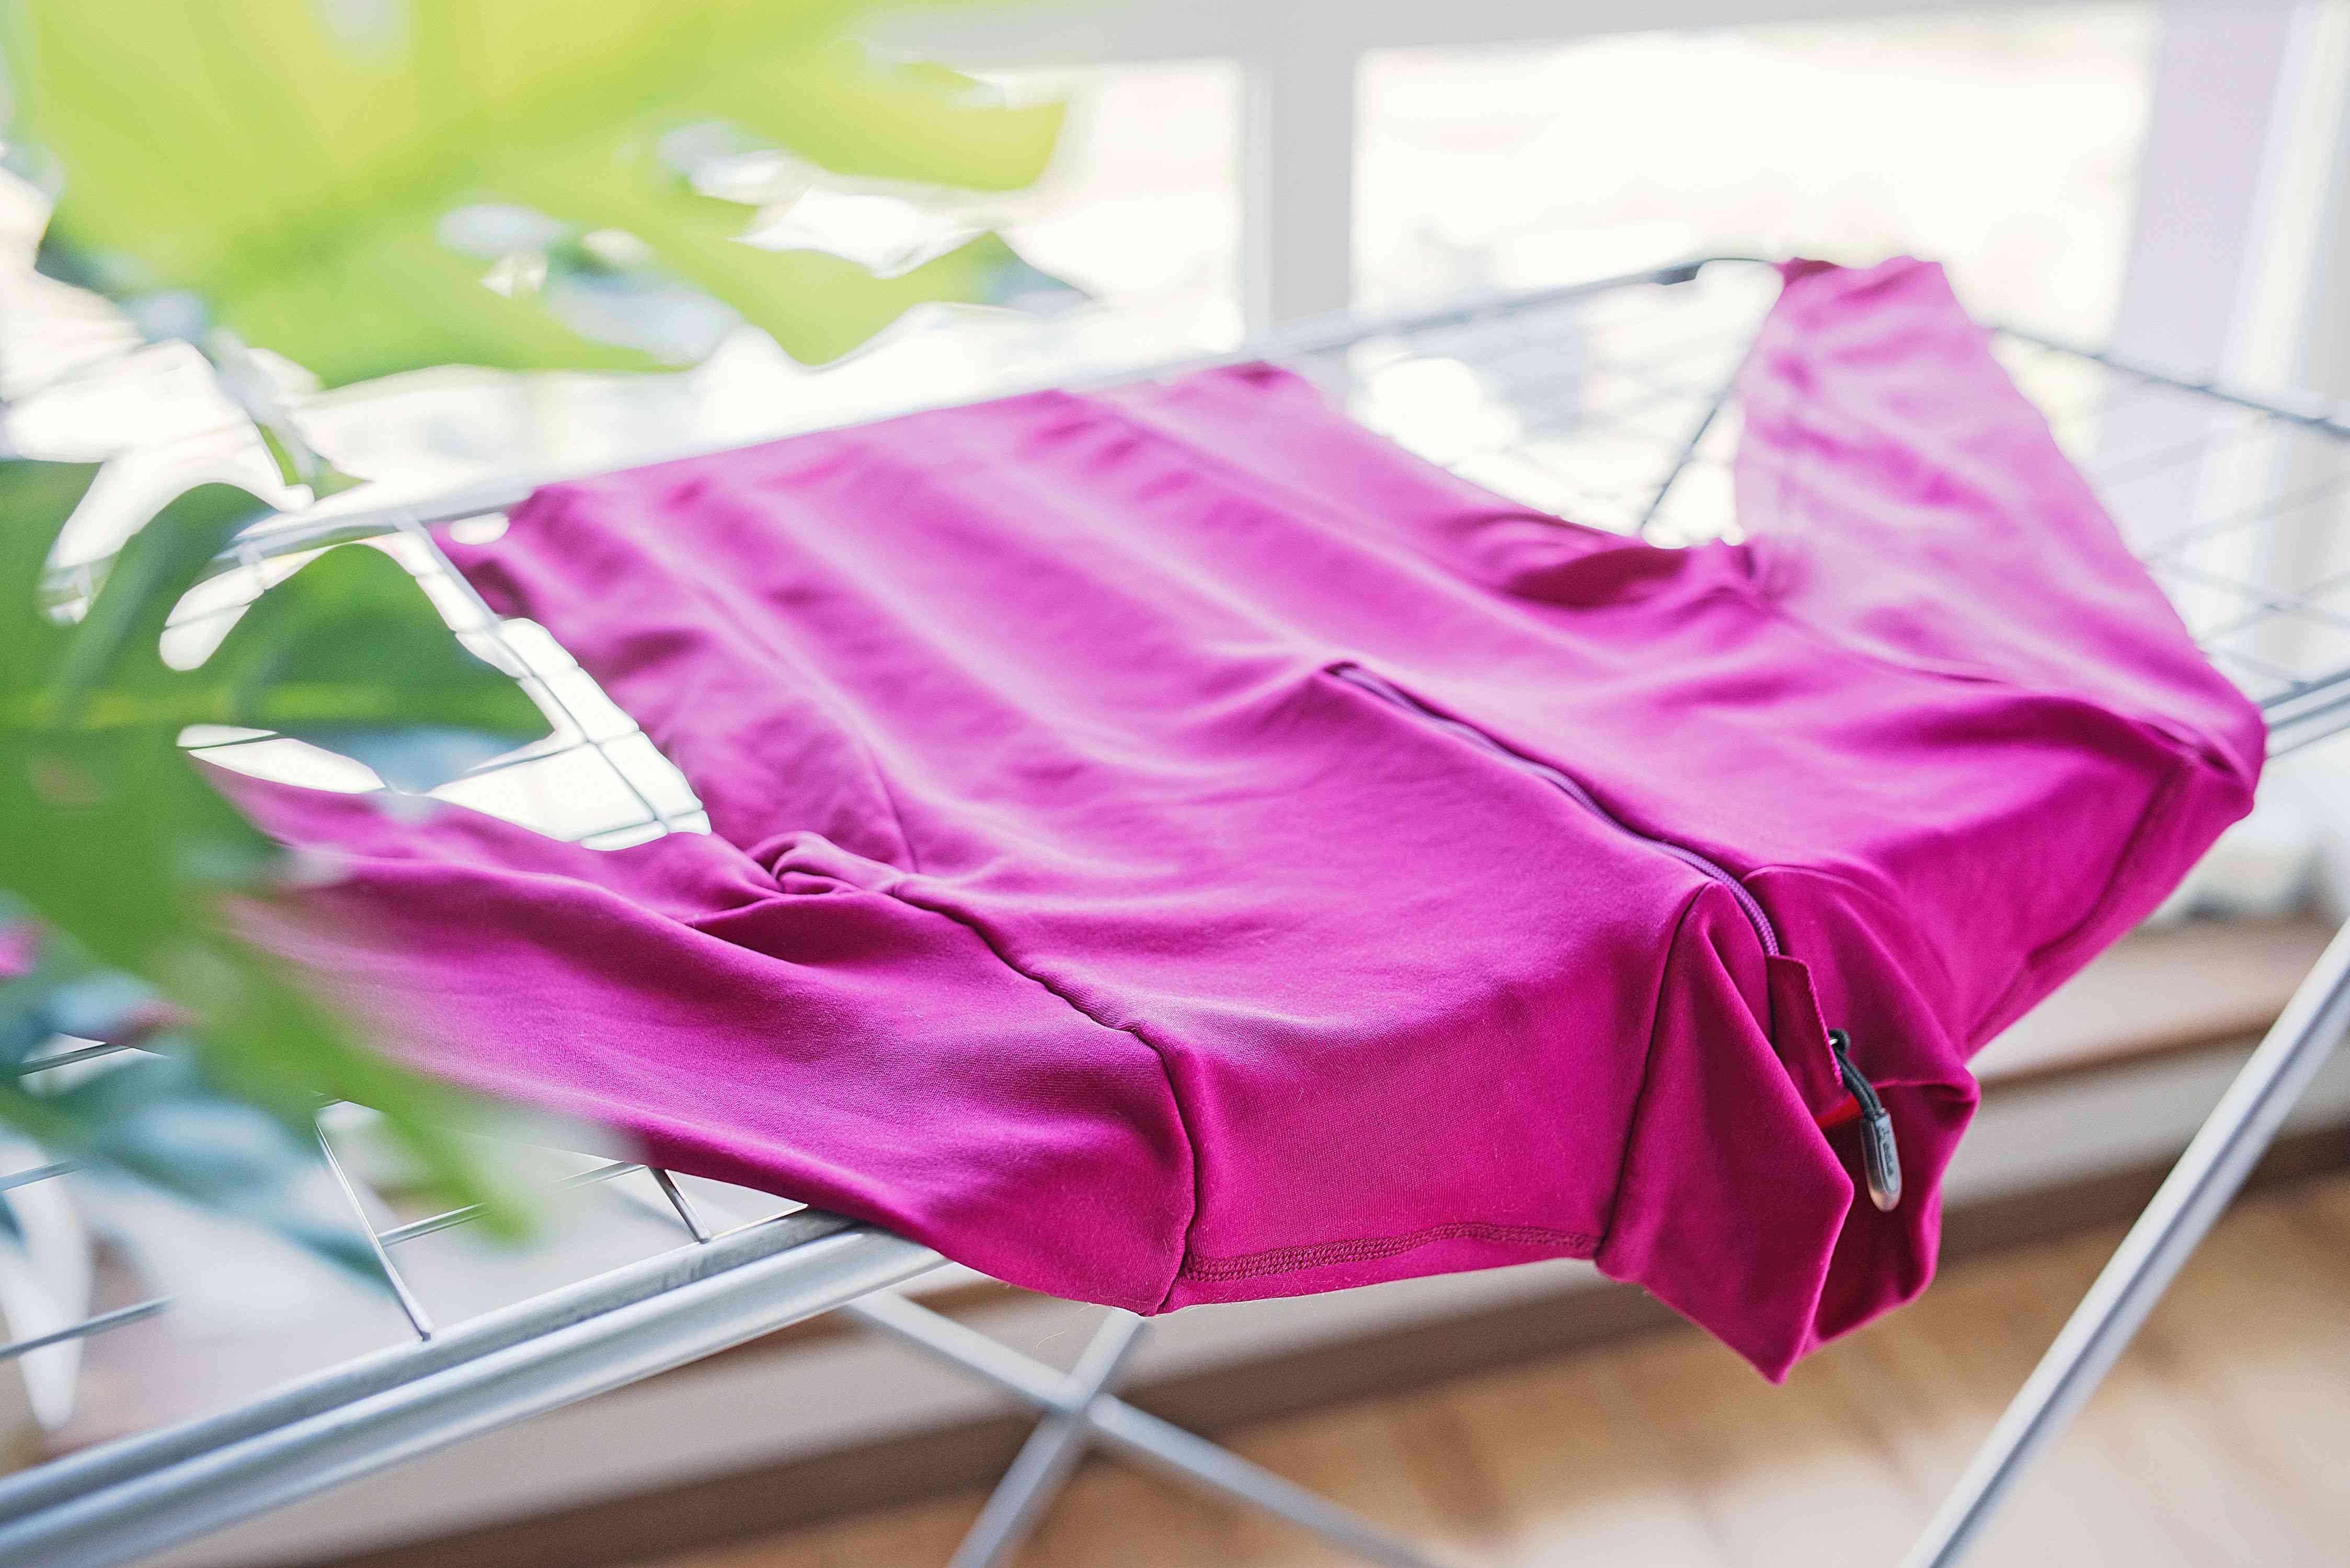 Drying the fleece jacket on a rack